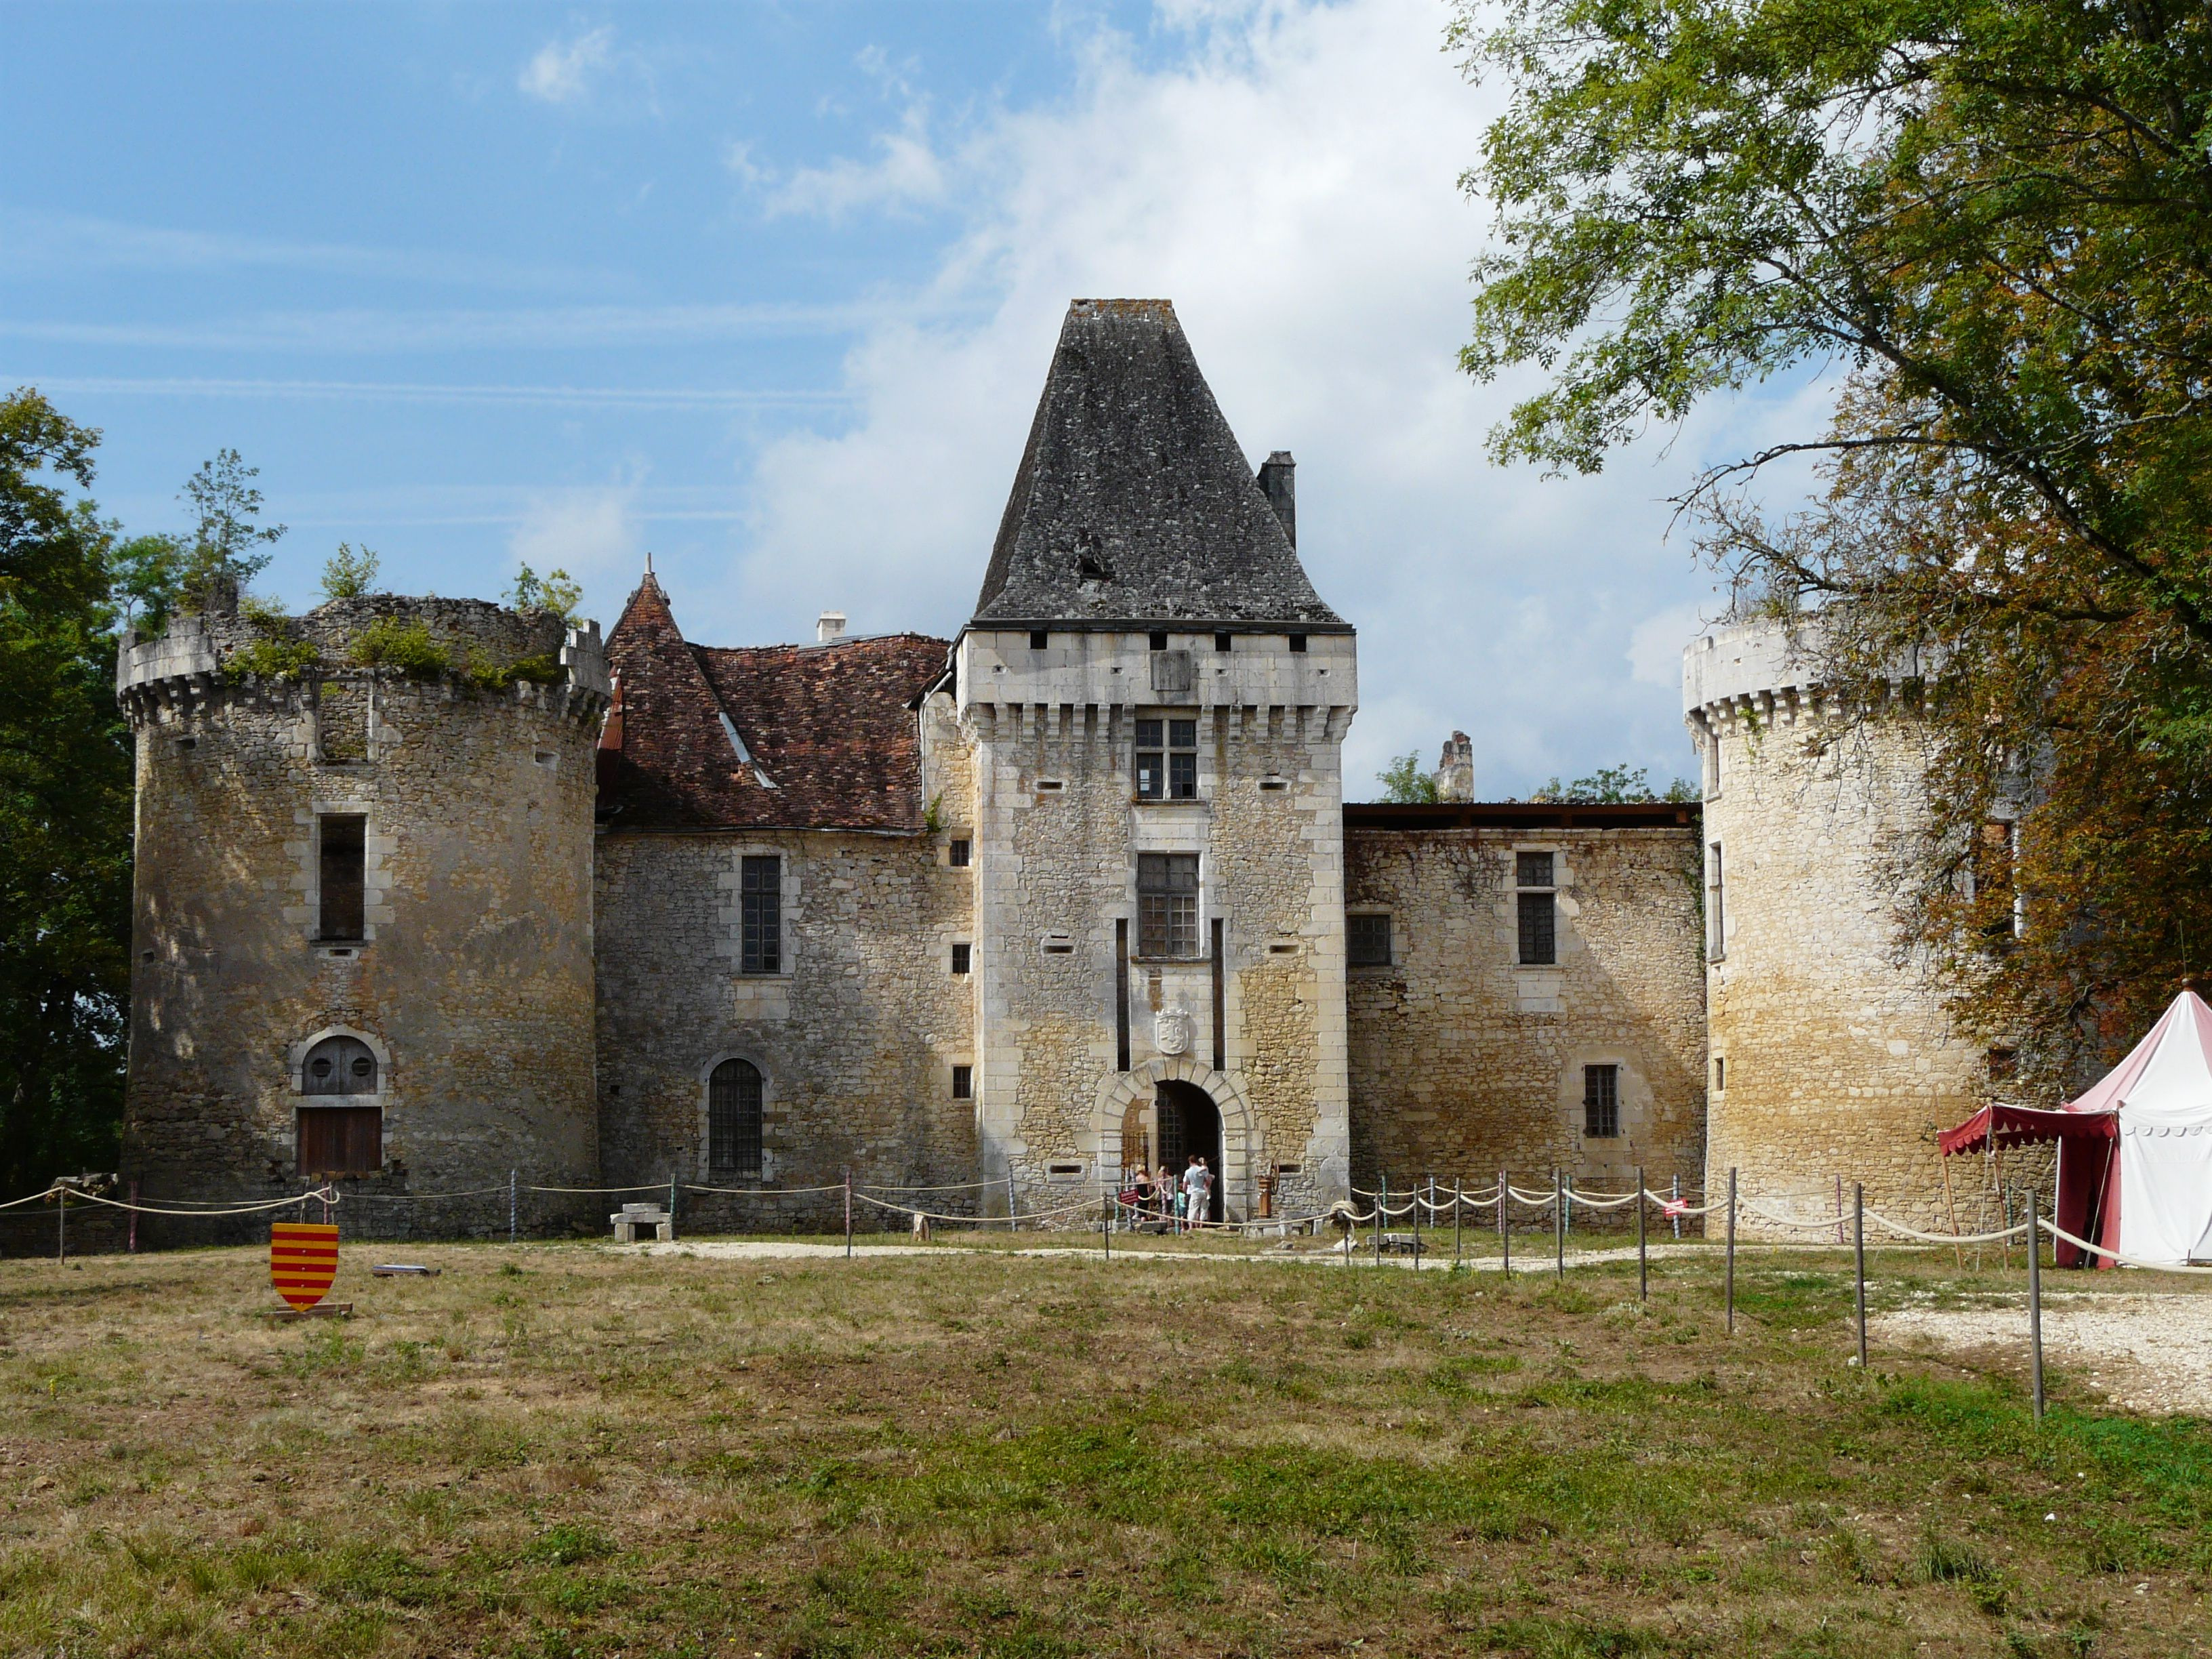 Chateau de Laxion